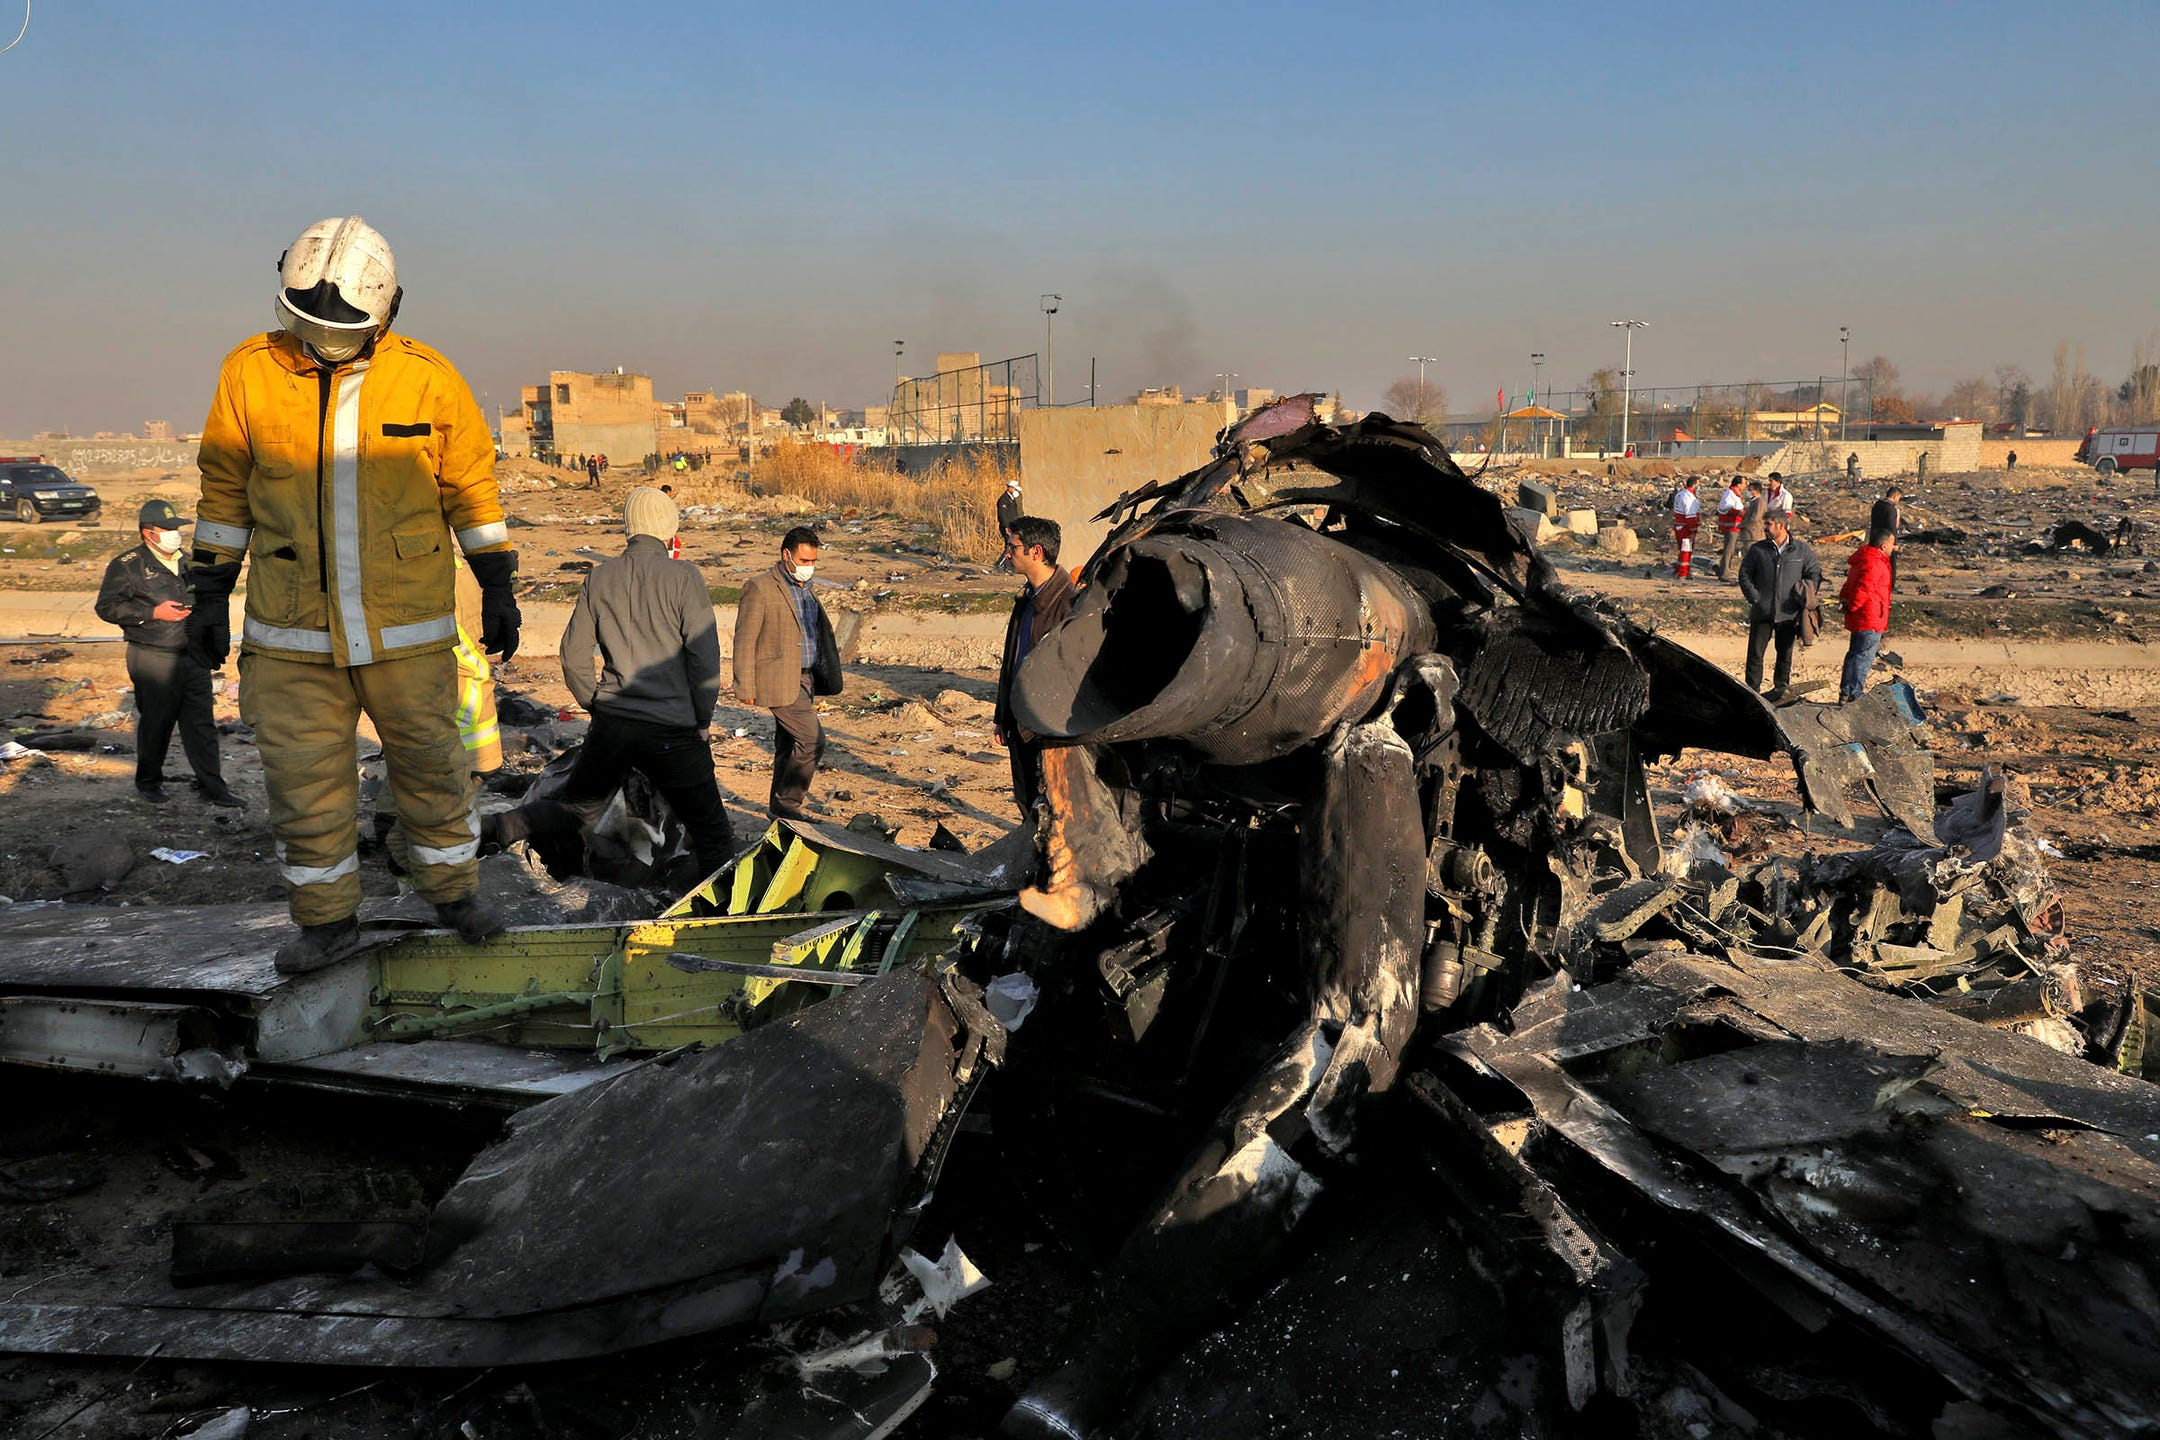 ईरान में विमान दुर्घटनाको लागि तस्बिर परिणाम